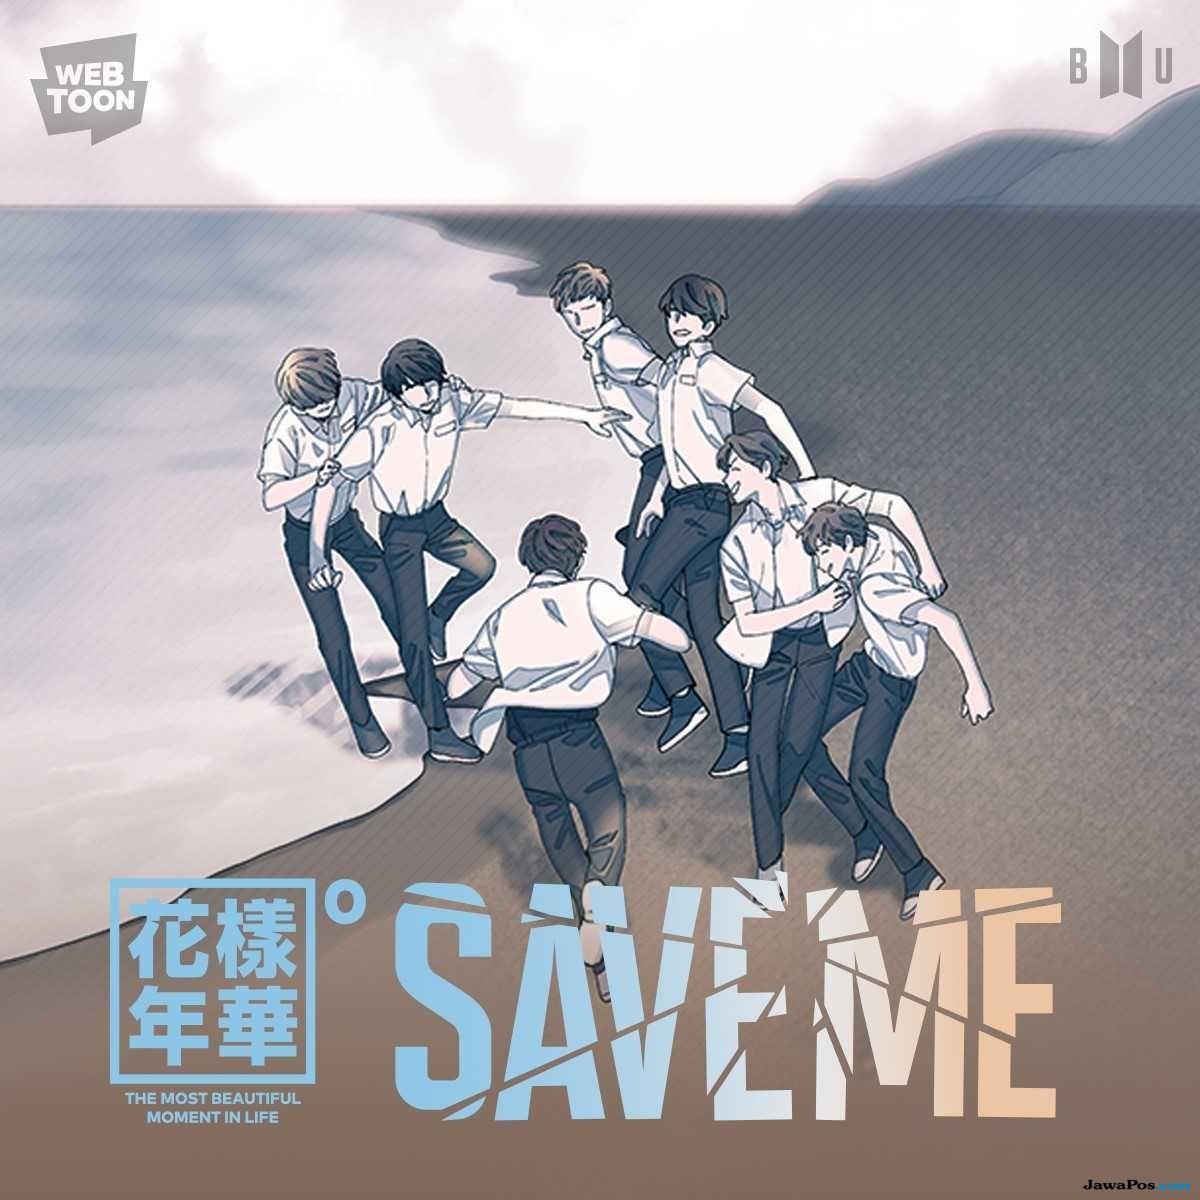 BTS Bertransformasi ke Dunia Komik Lewat 'Save Me'